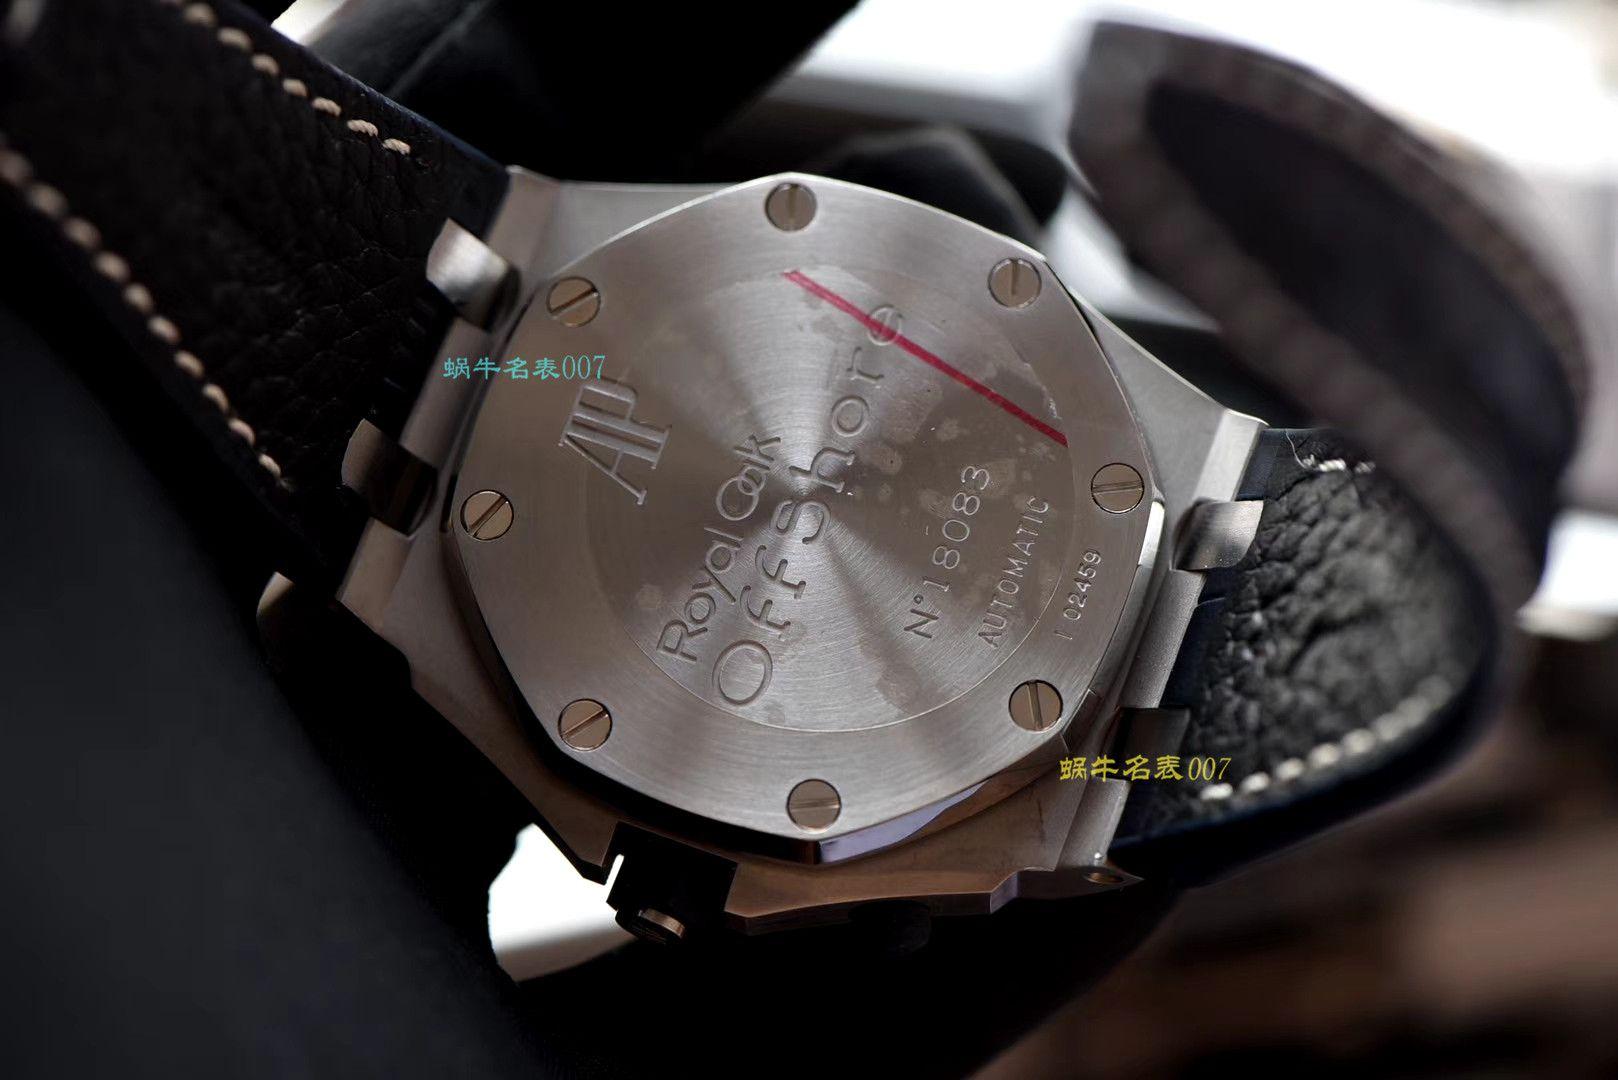 【视频评测JF厂官网爱彼复刻仿表AP海军蓝】爱彼皇家橡树离岸型系列26170ST.OO.D305CR.01腕表